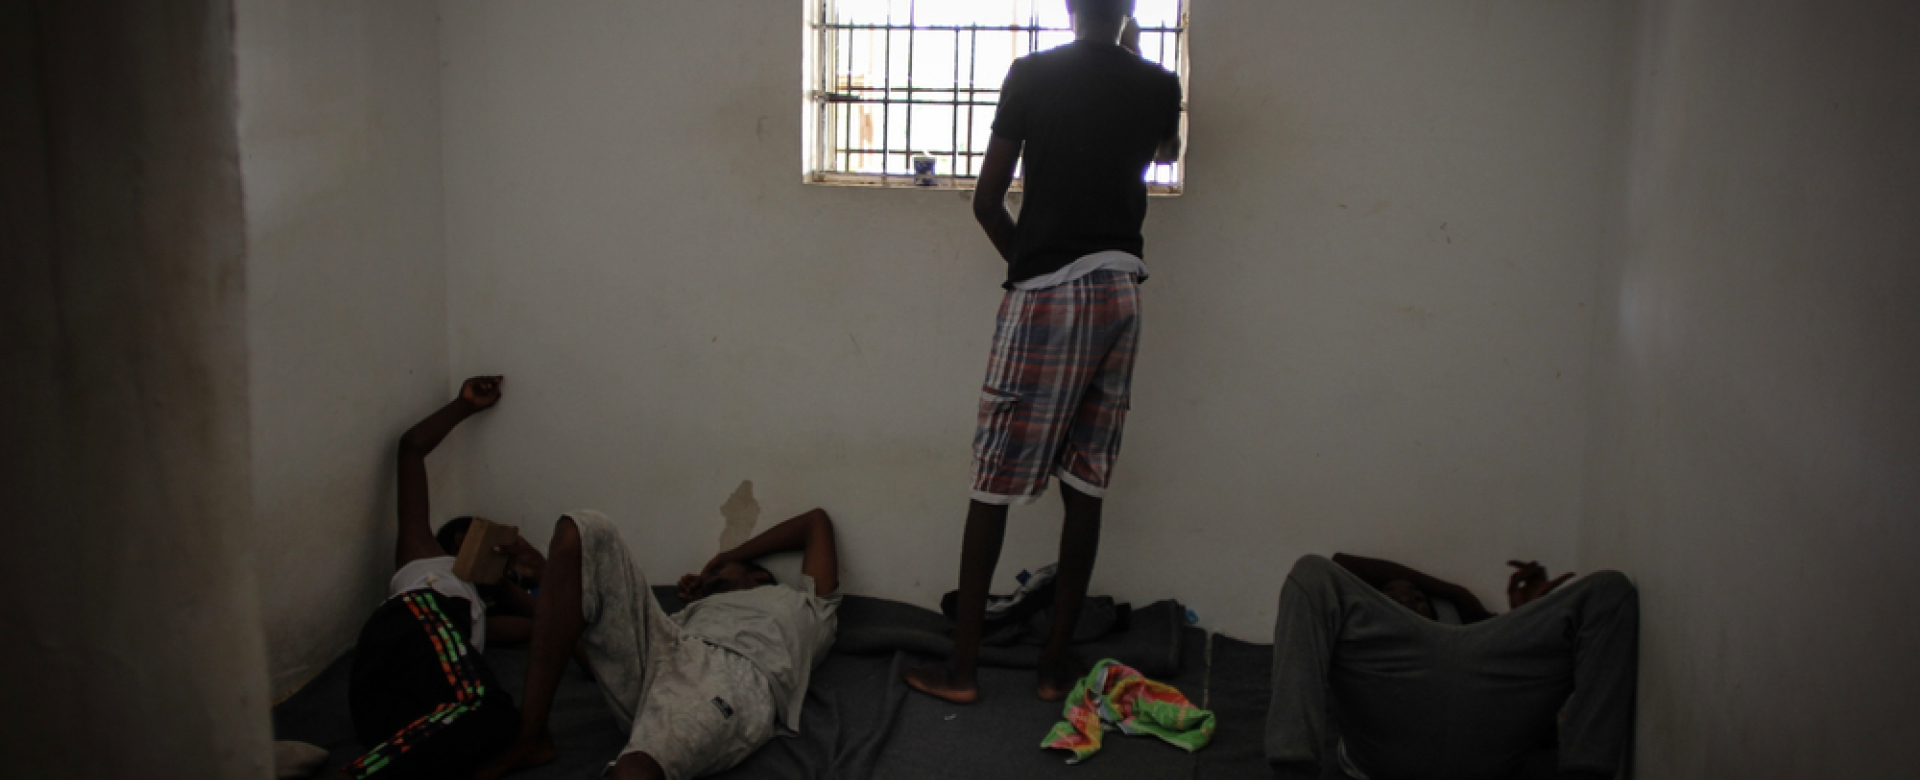 Réfugiés dans une cellule d'un centre de détention